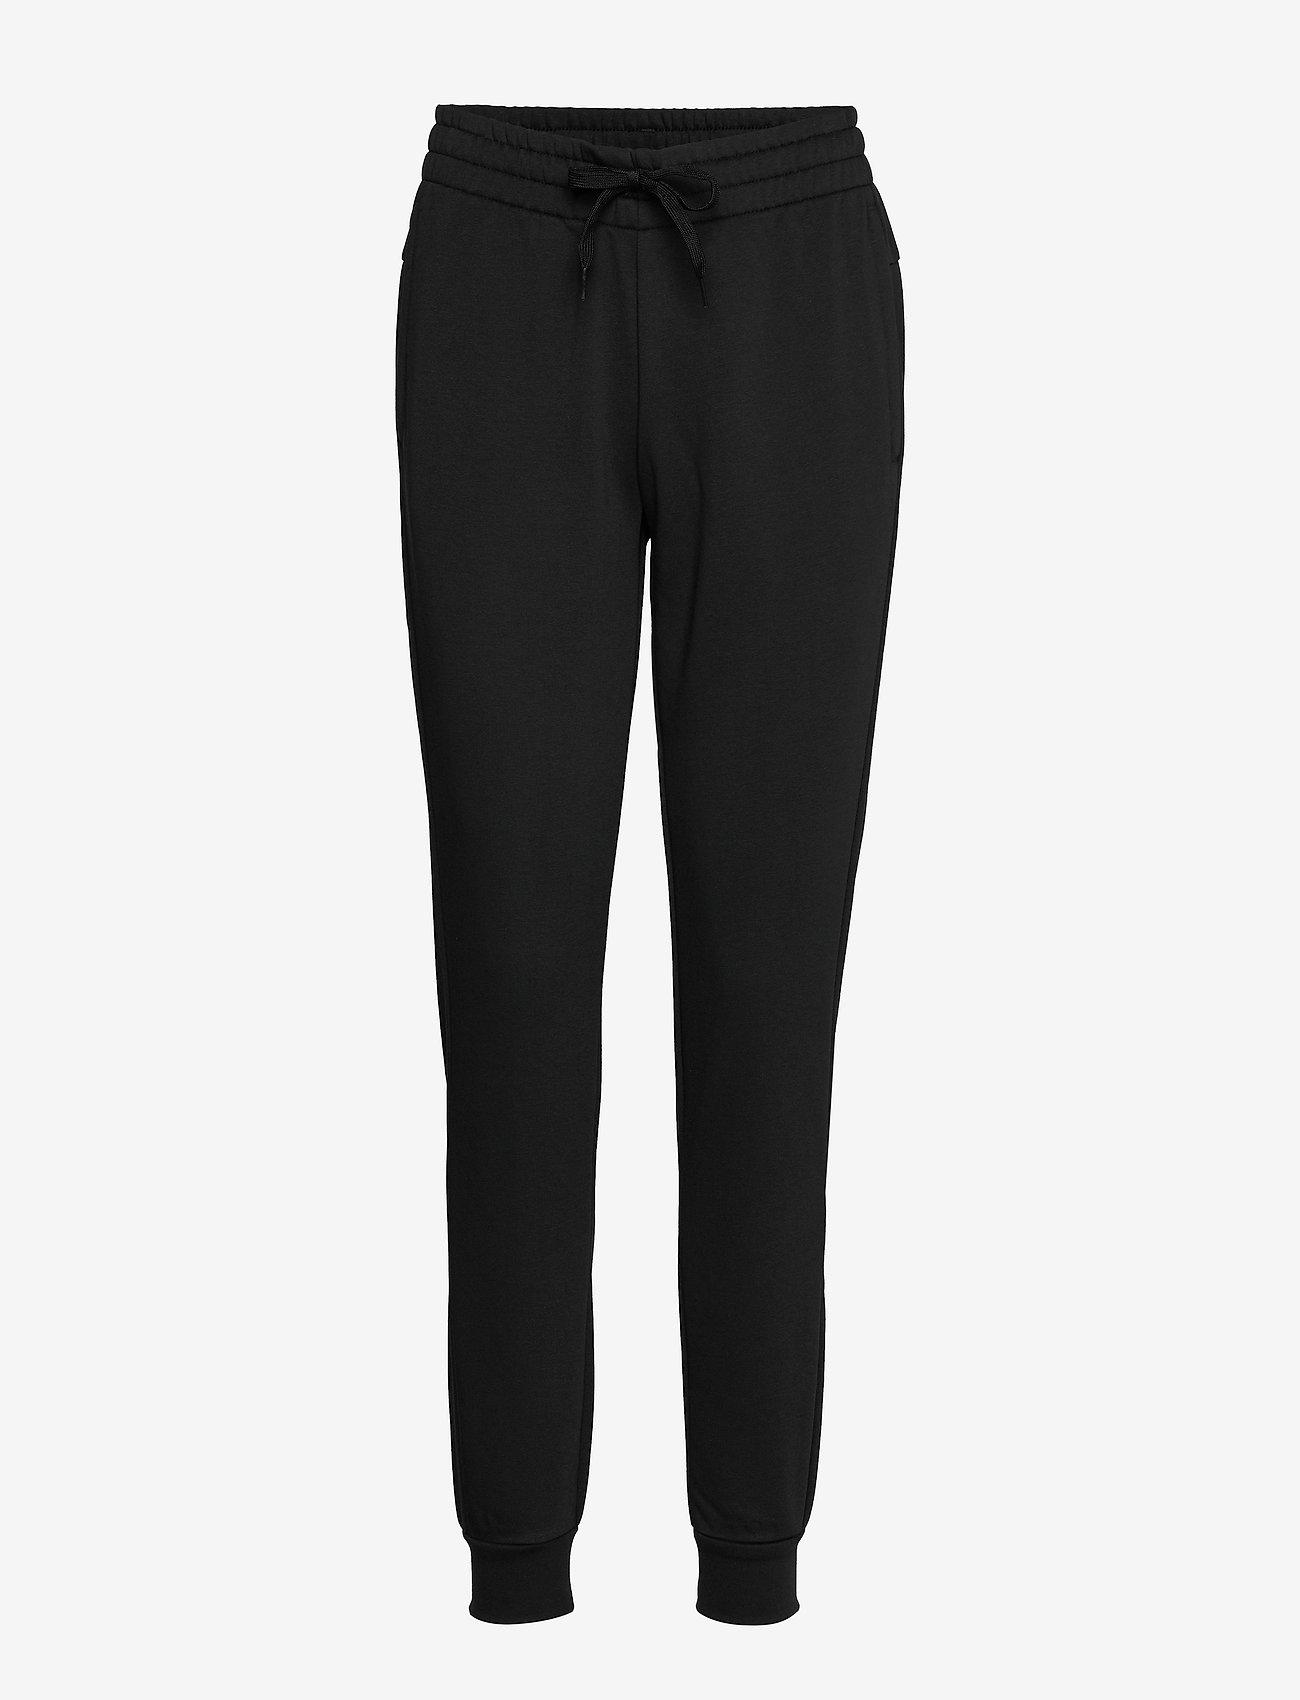 W E Lin Pant (Black/white) - adidas Performance Iau9aj